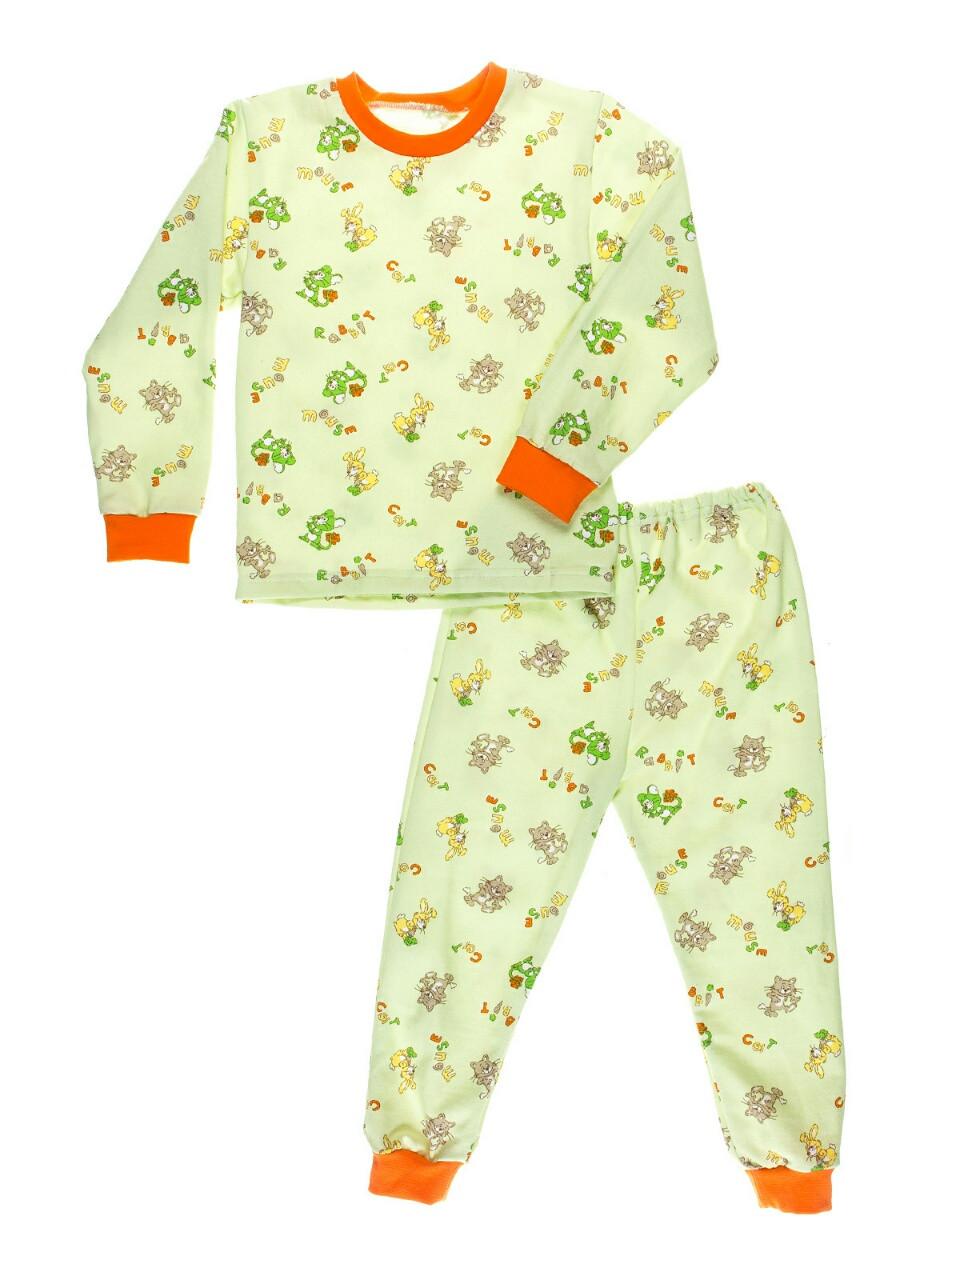 """Пижама детская, теплая с начесом, салатовый фон - ООО """"АМТ-ГРУП"""" - одежда для всех в Одессе"""